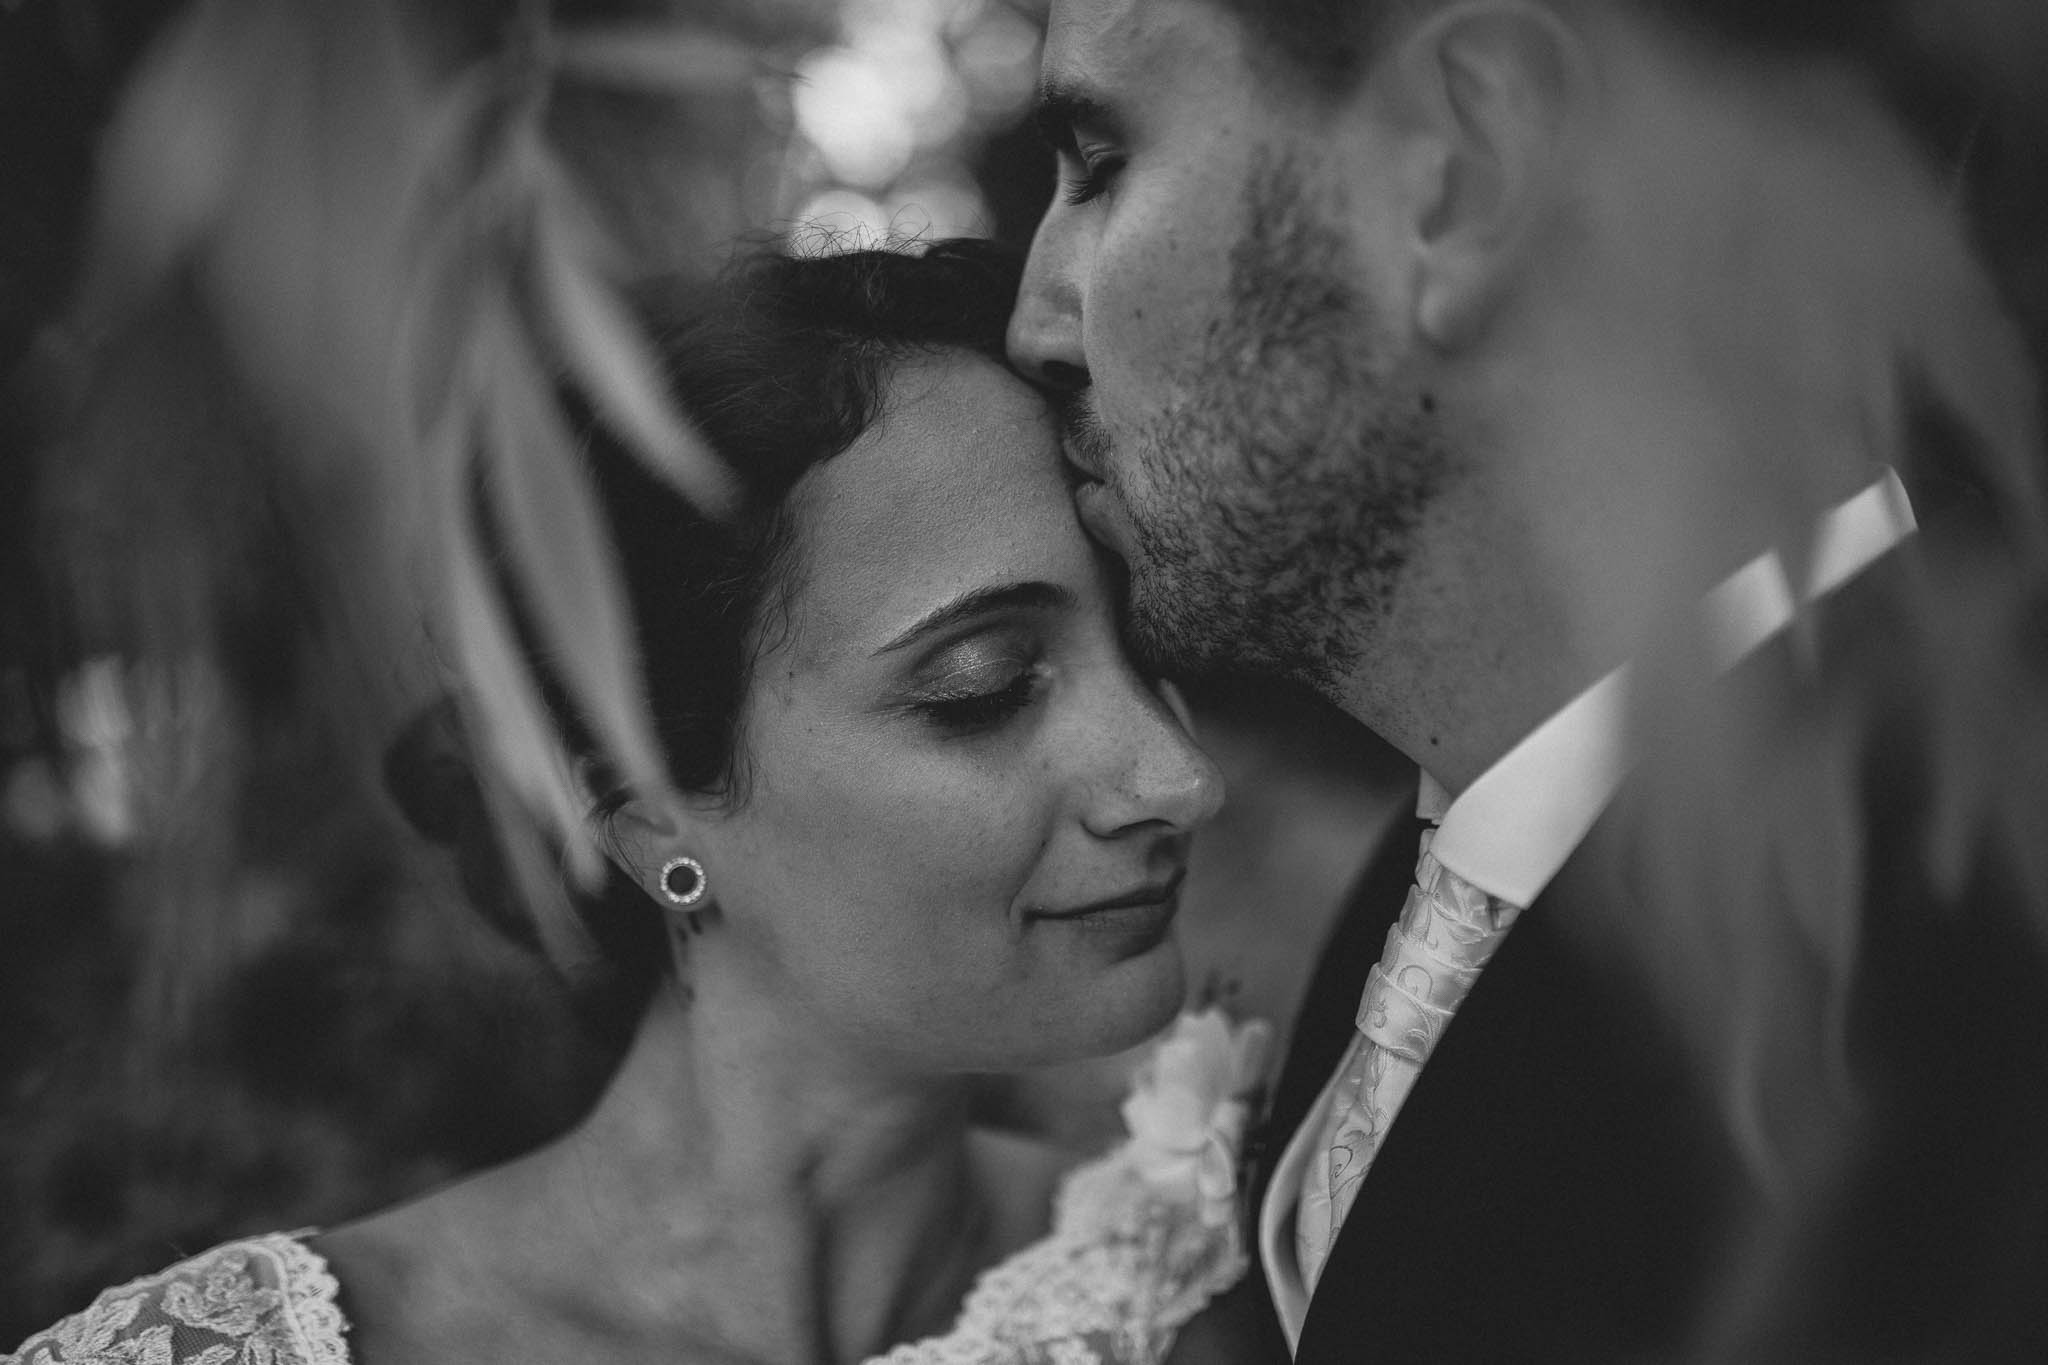 Hochzeitsfotograf Monzernheim: freie Trauung von Sarah & Patrick 52